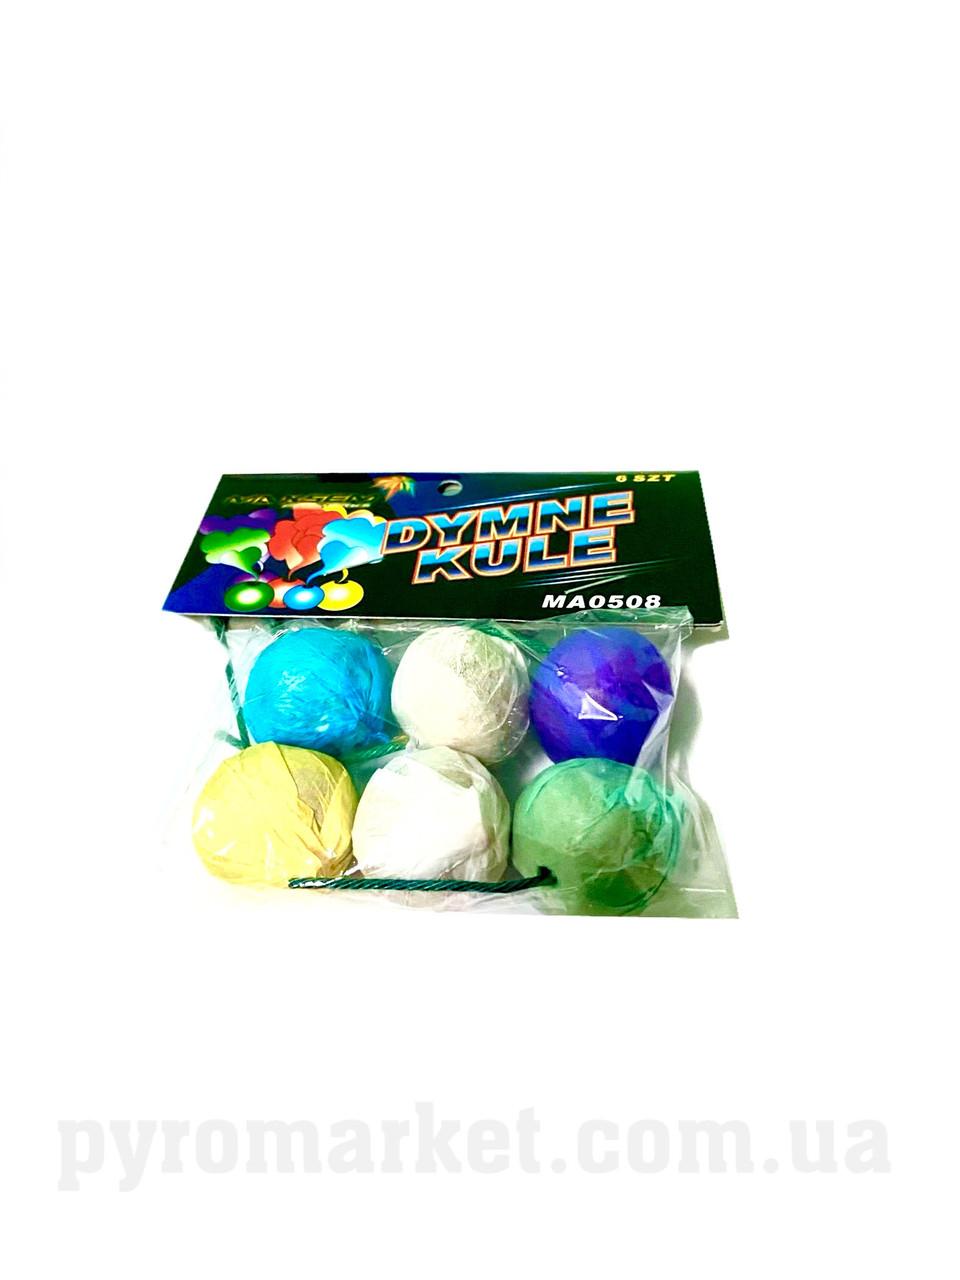 Дымовые шарики MA0508 Maxsem 6 шт/уп